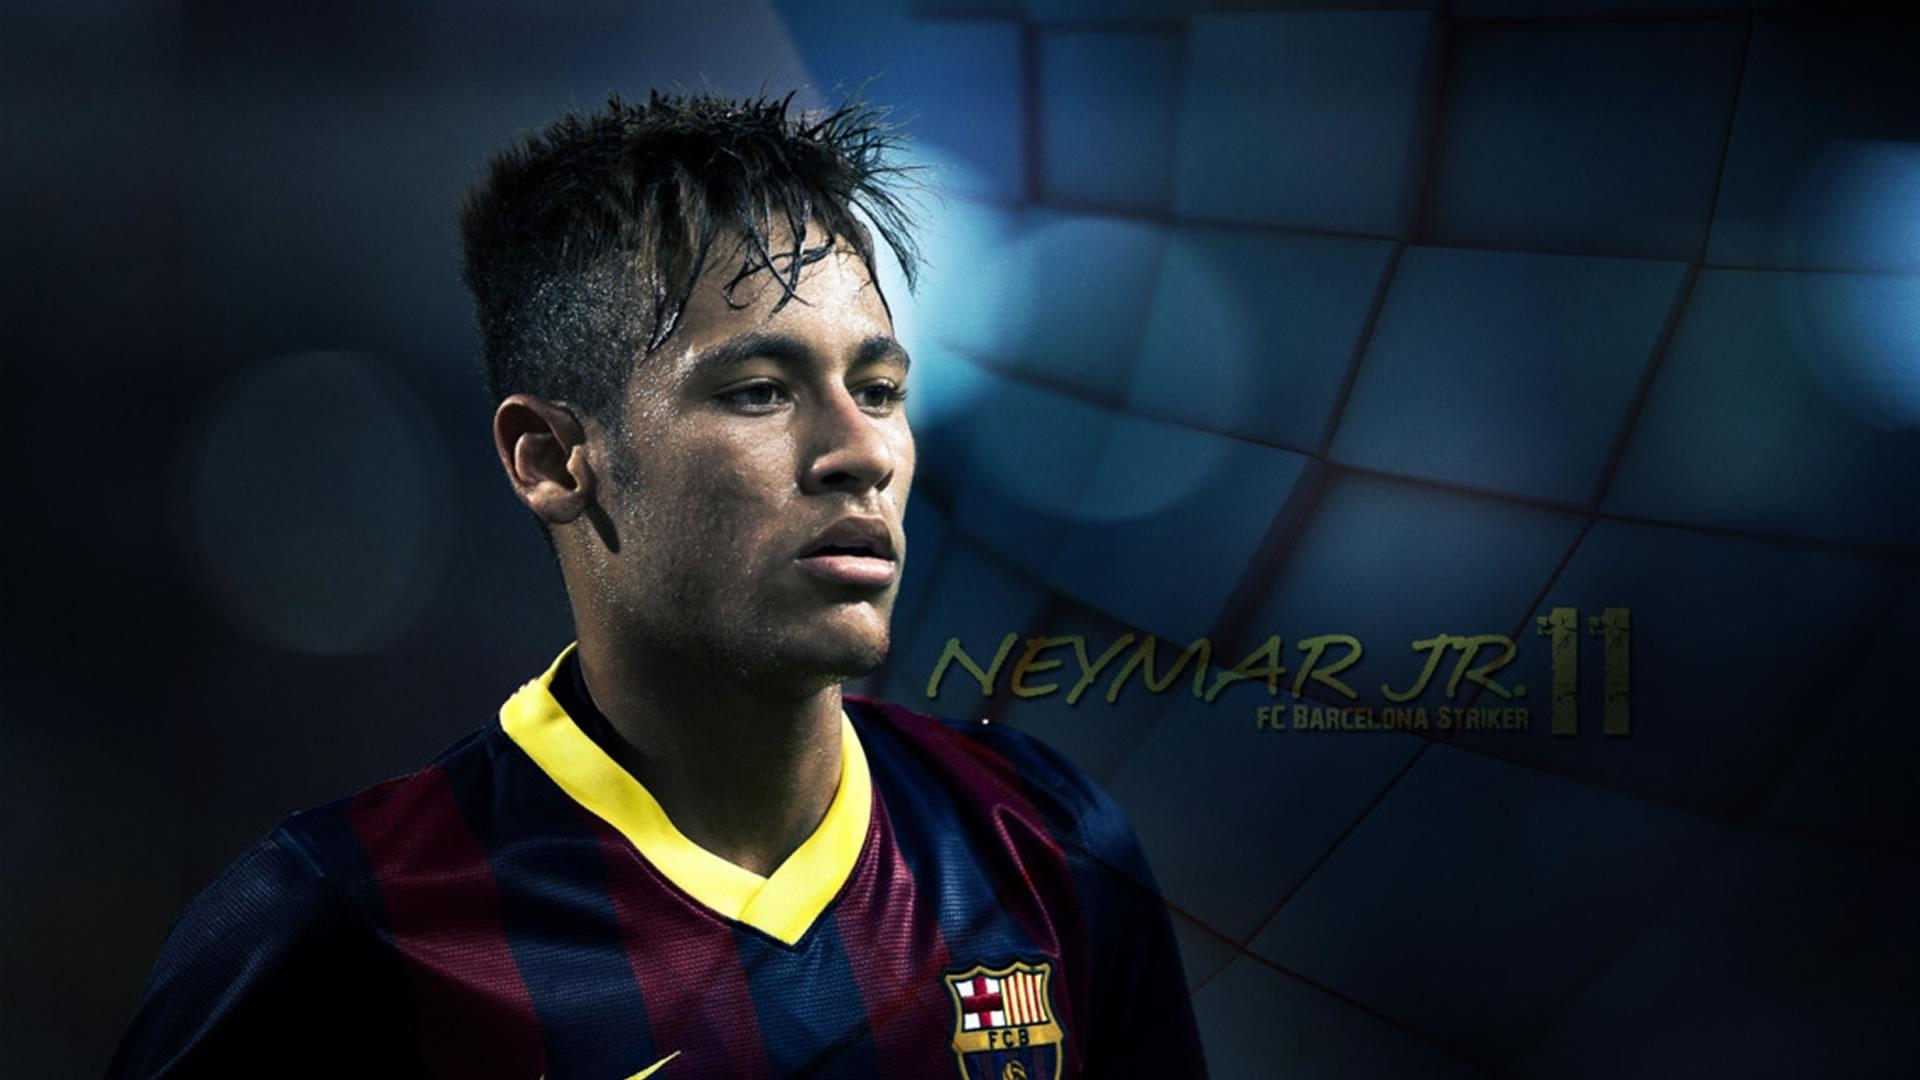 Neymar JR-FIFA Ballon d'Or 2015 Fond d'écran Aperçu | 10wallpaper.com